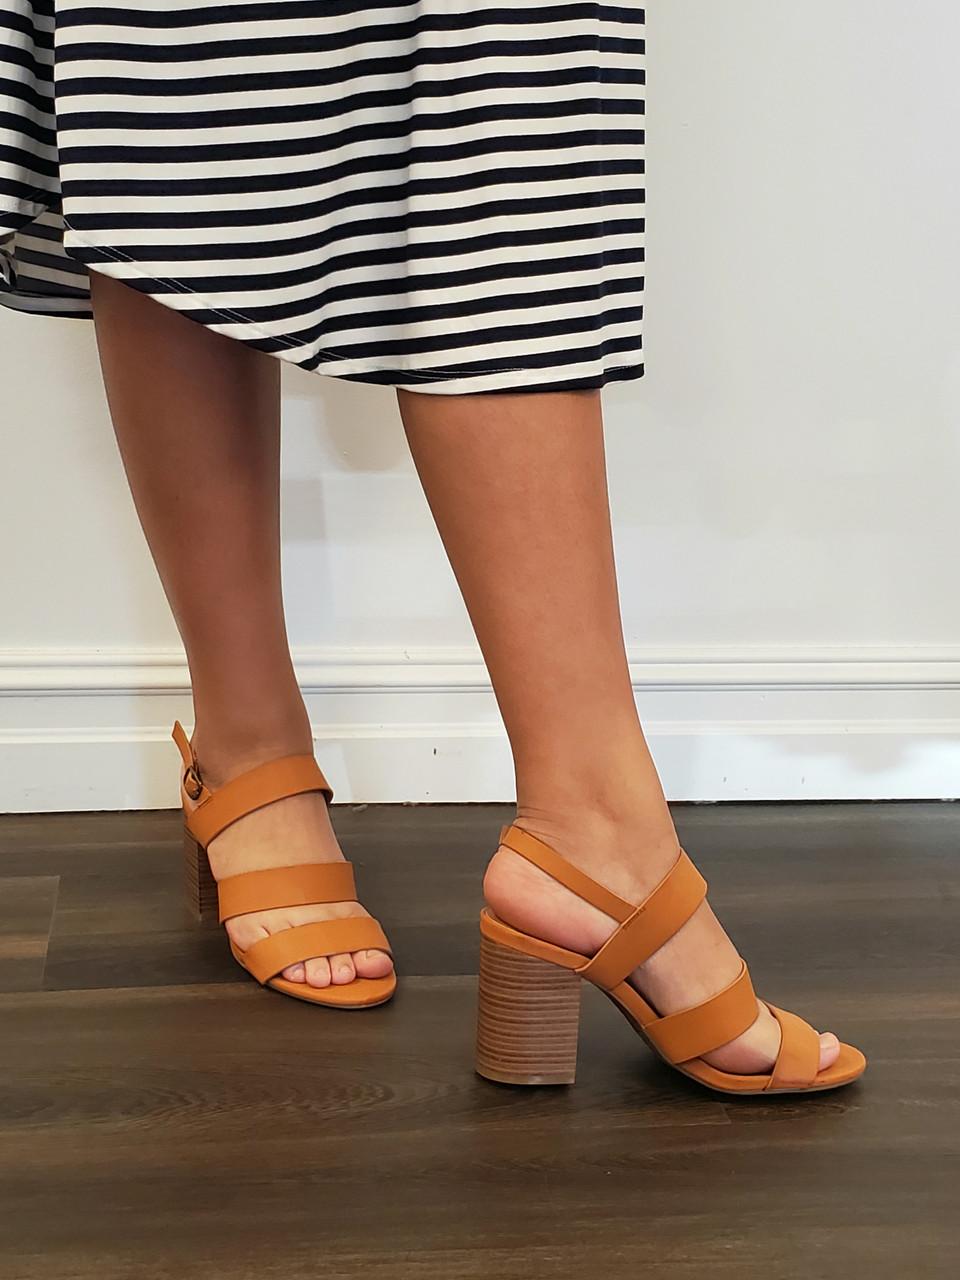 In Tan Walking On Heeled Sandals Sunshine 4LRAj35